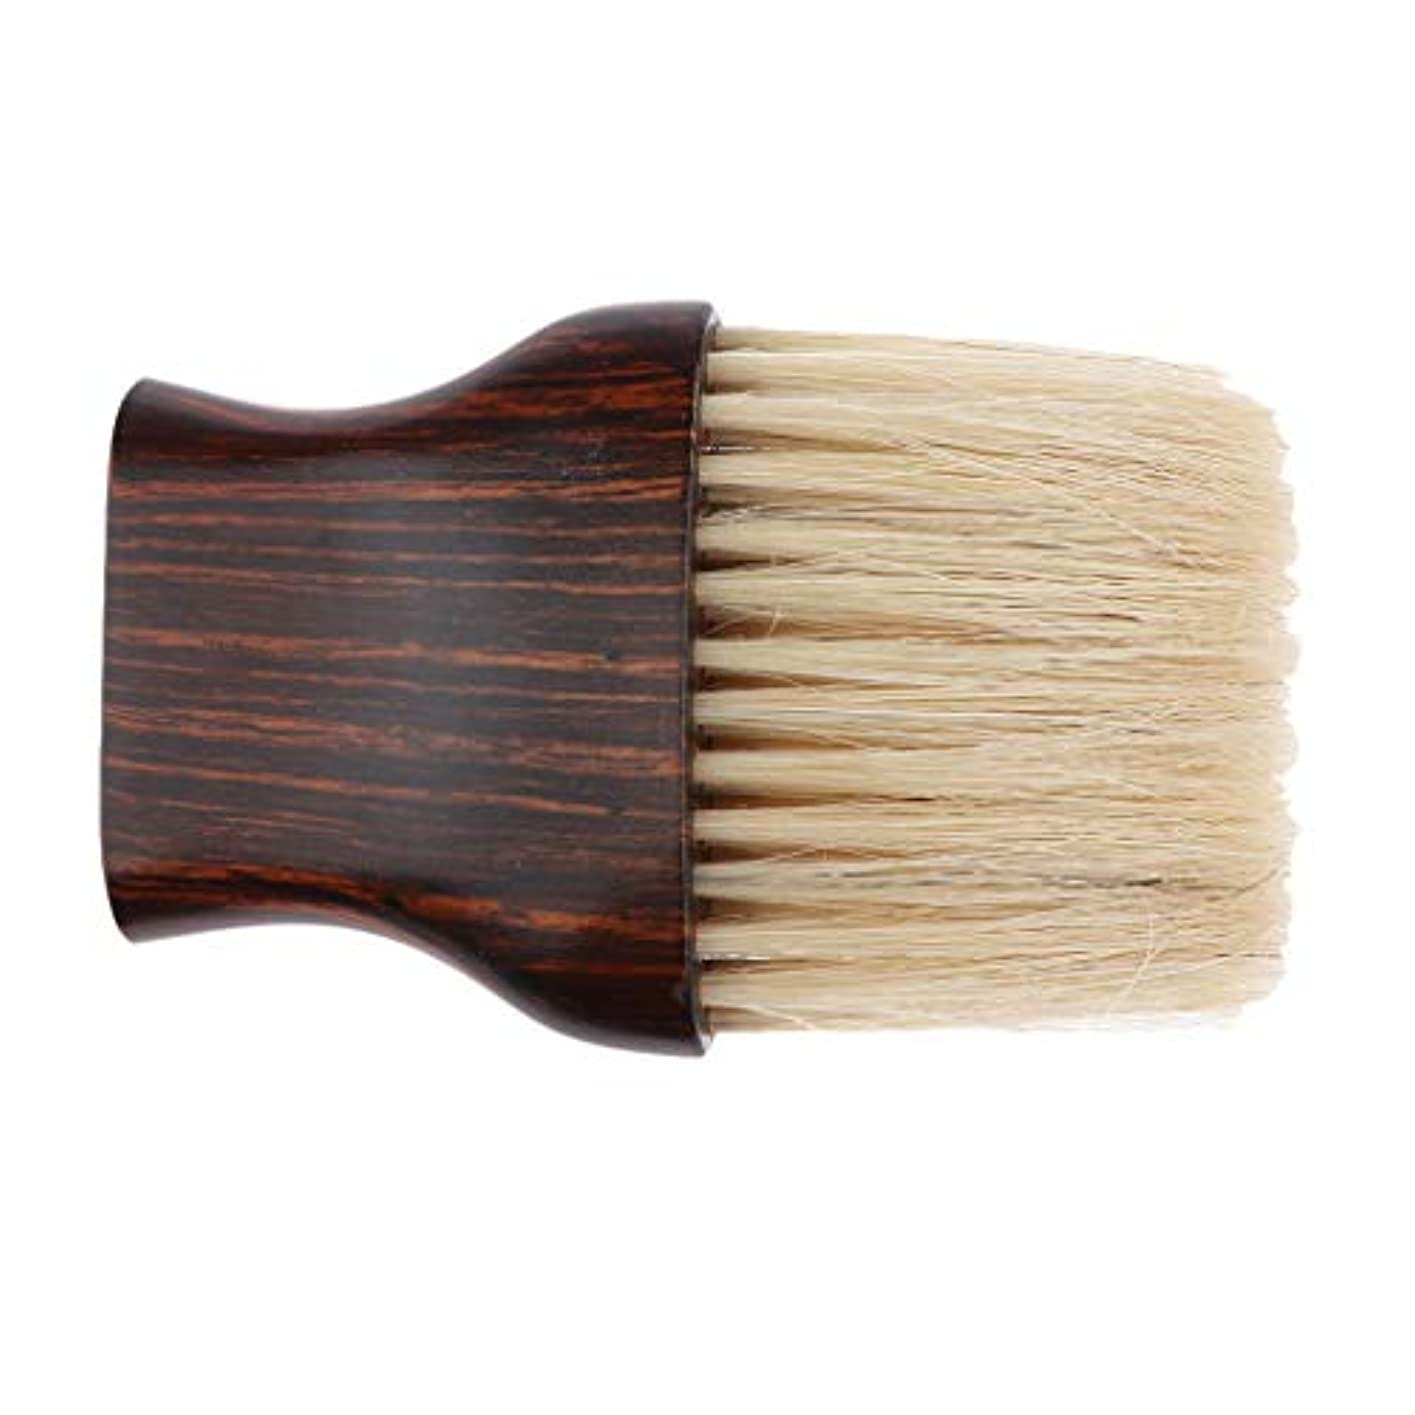 努力ピストルがっかりしたDYNWAVE 理髪 ネックダスターブラシ クリーニング ヘアブラシ ヘアスイープブラシ サロンヘアカット ツール